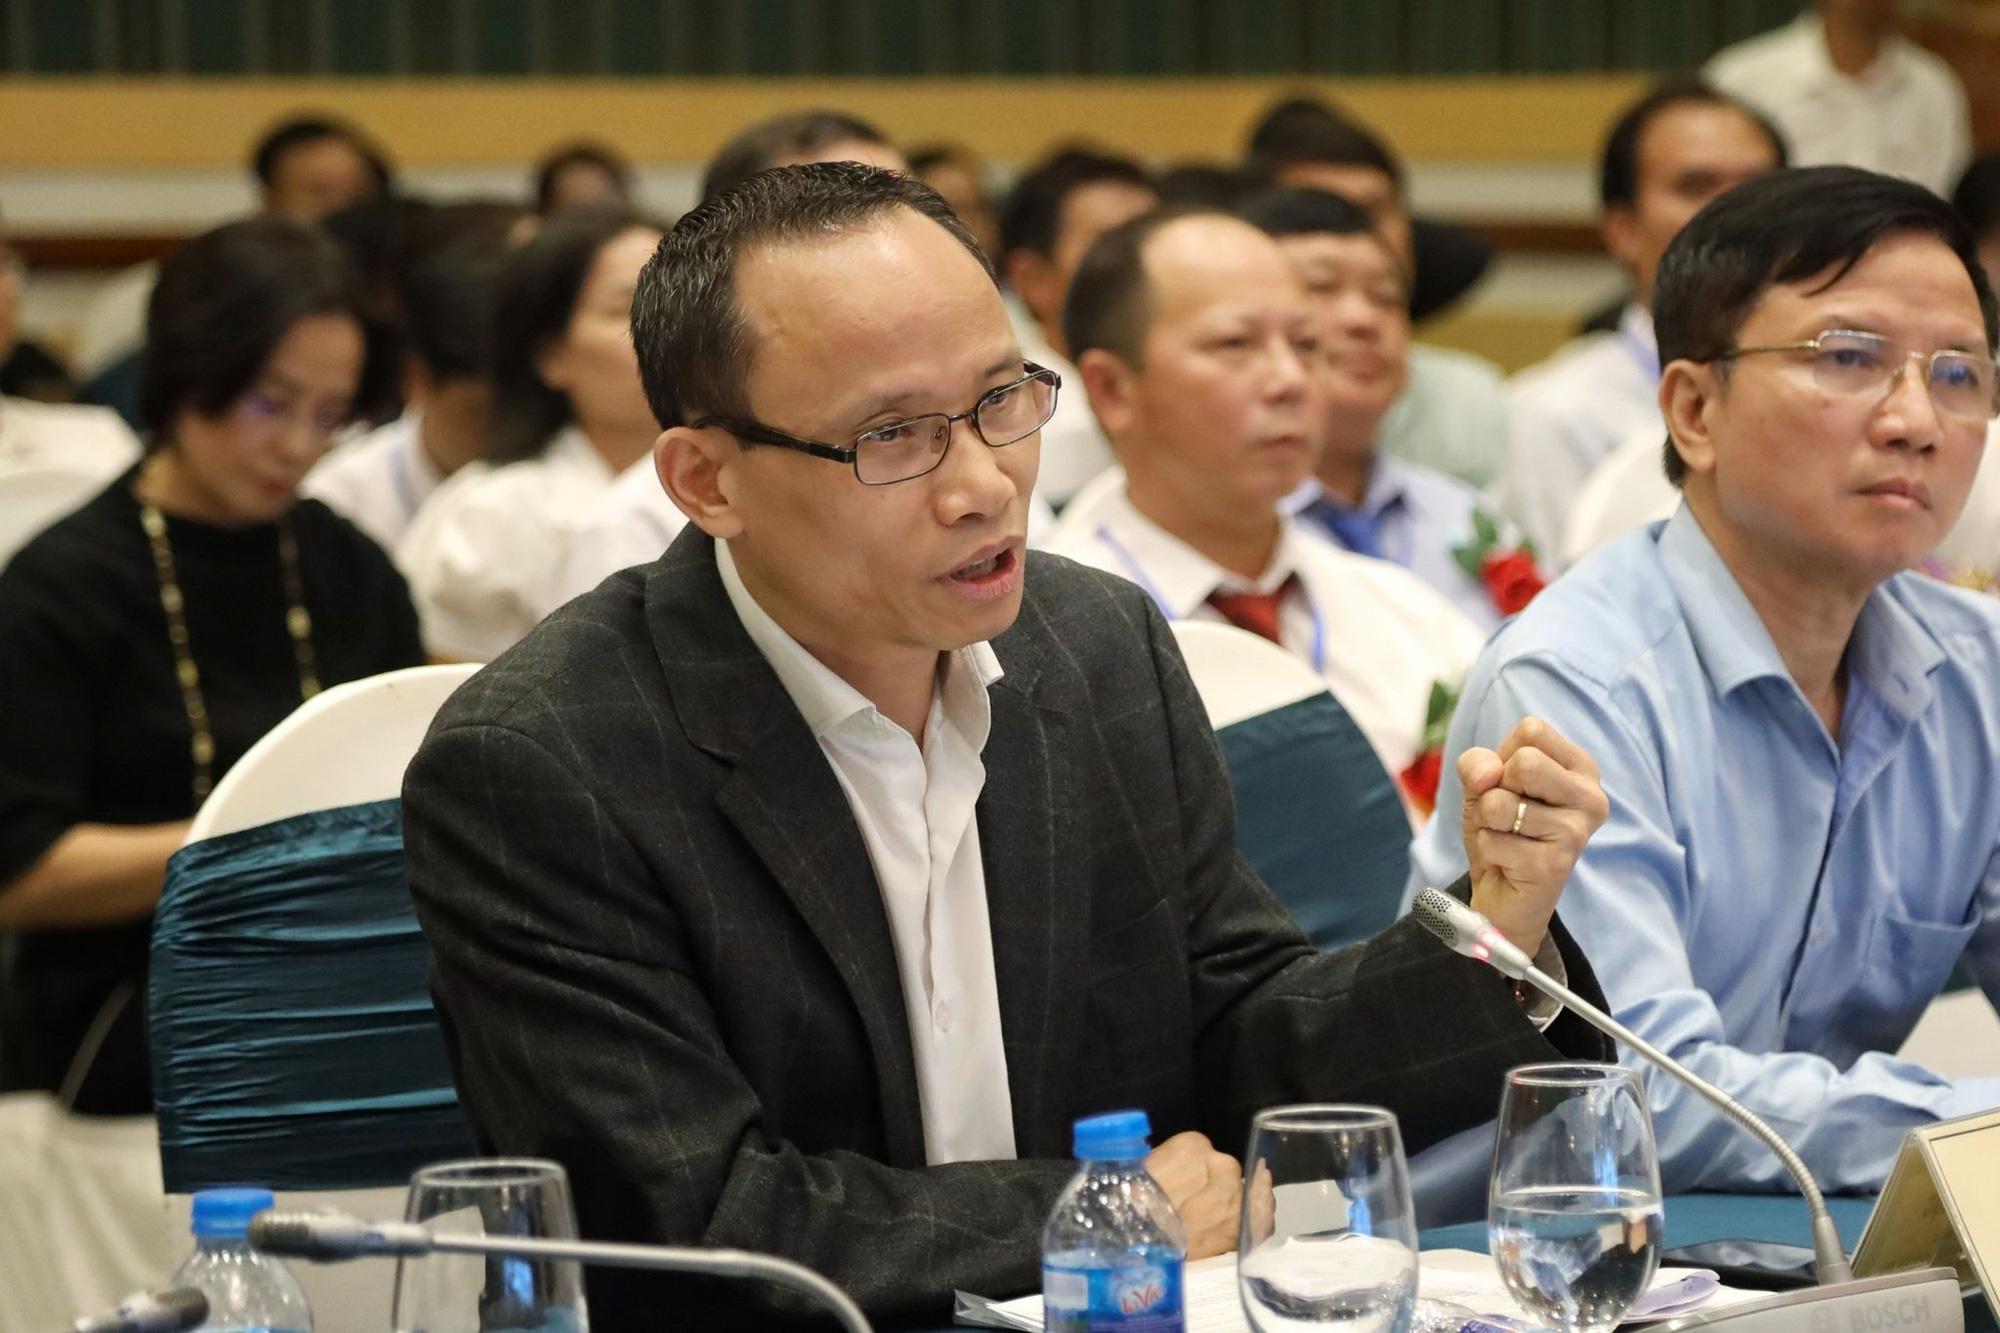 TS Cấn Văn Lực: Có tới 500 nghìn tỷ đồng giải ngân cho tam nông mỗi năm - Ảnh 1.